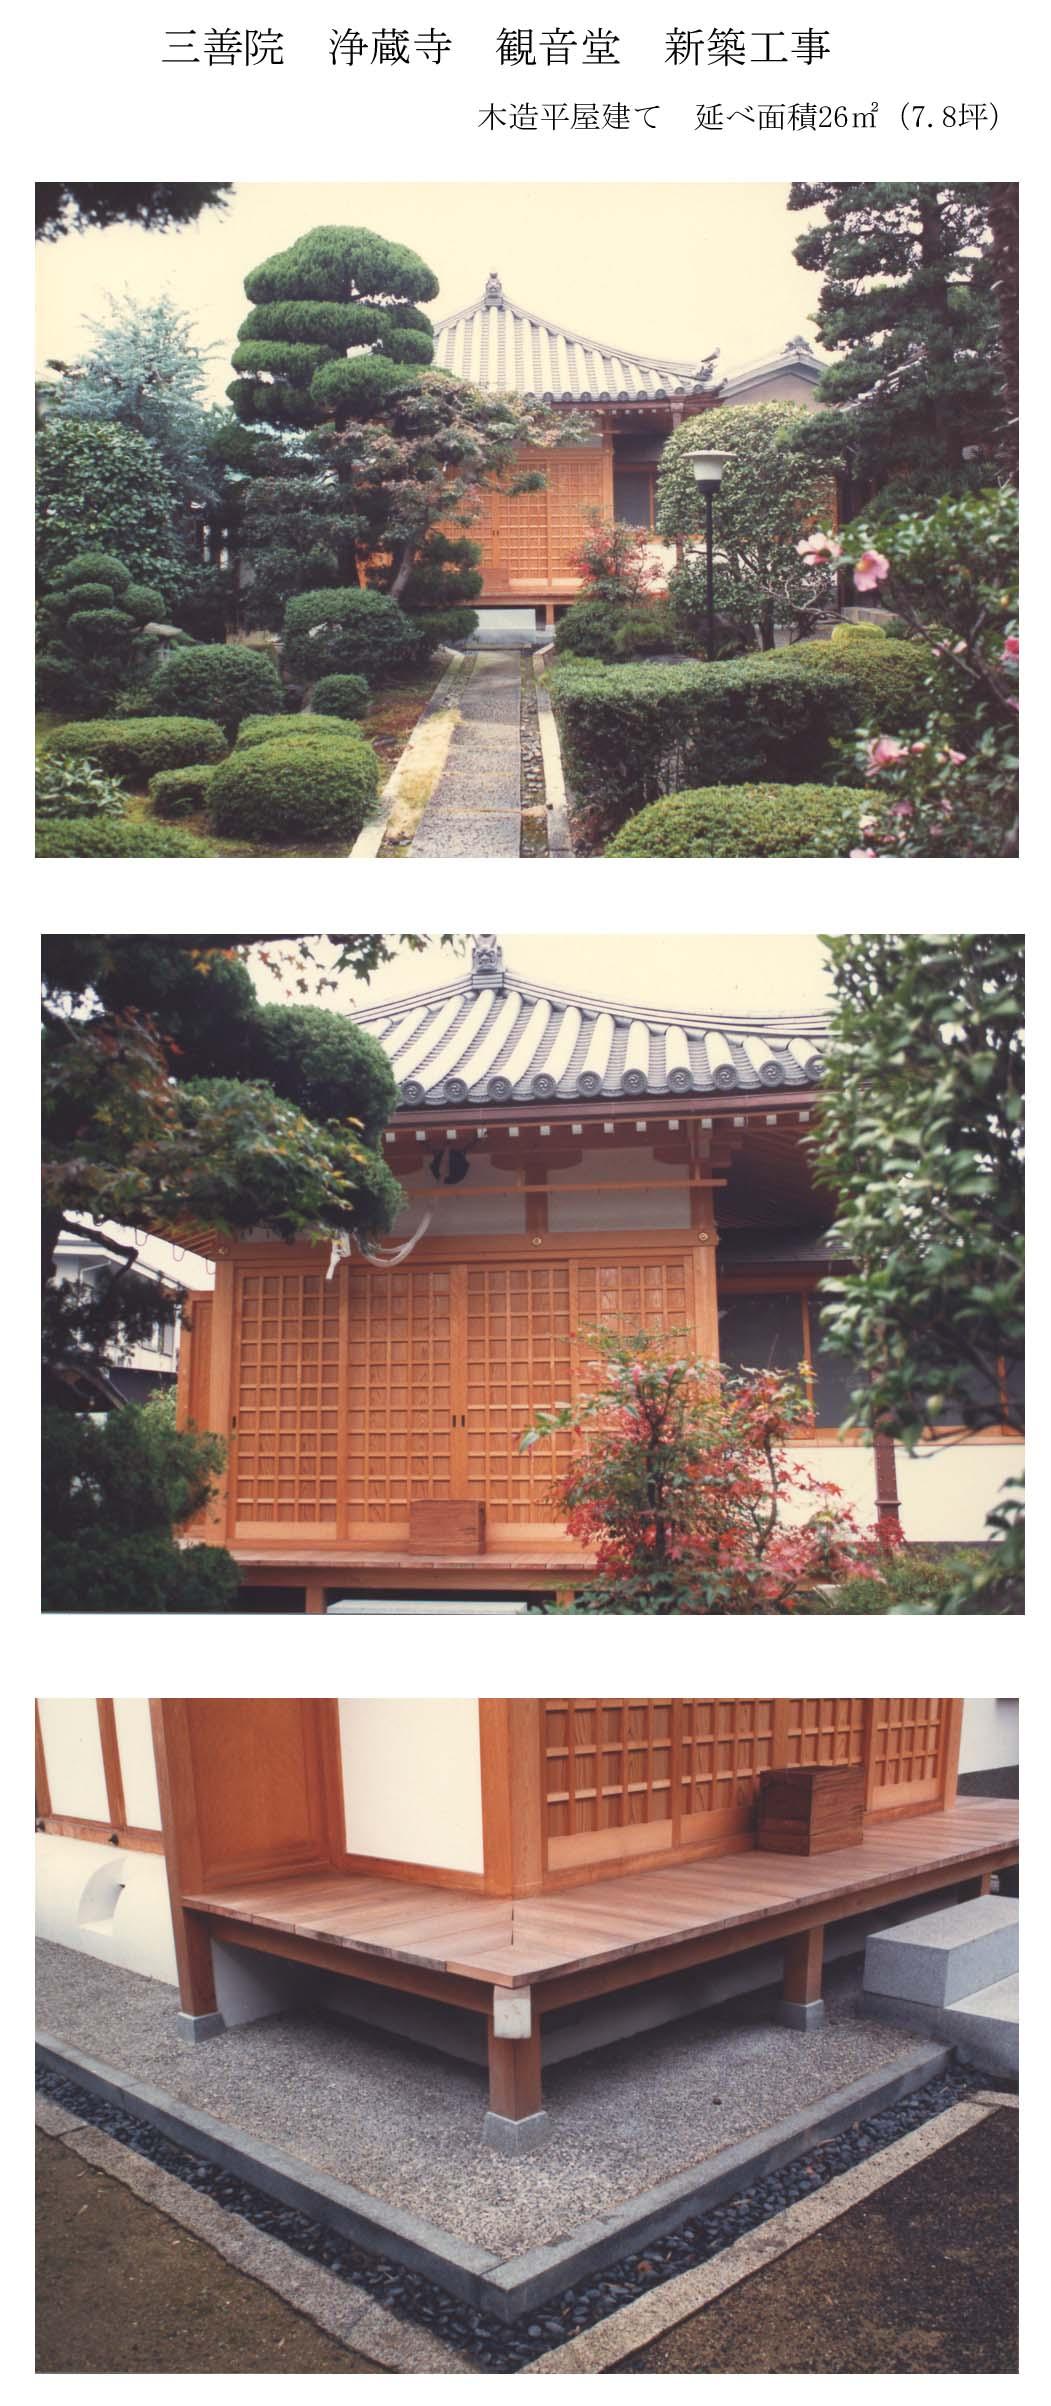 浄蔵寺外観.JPG